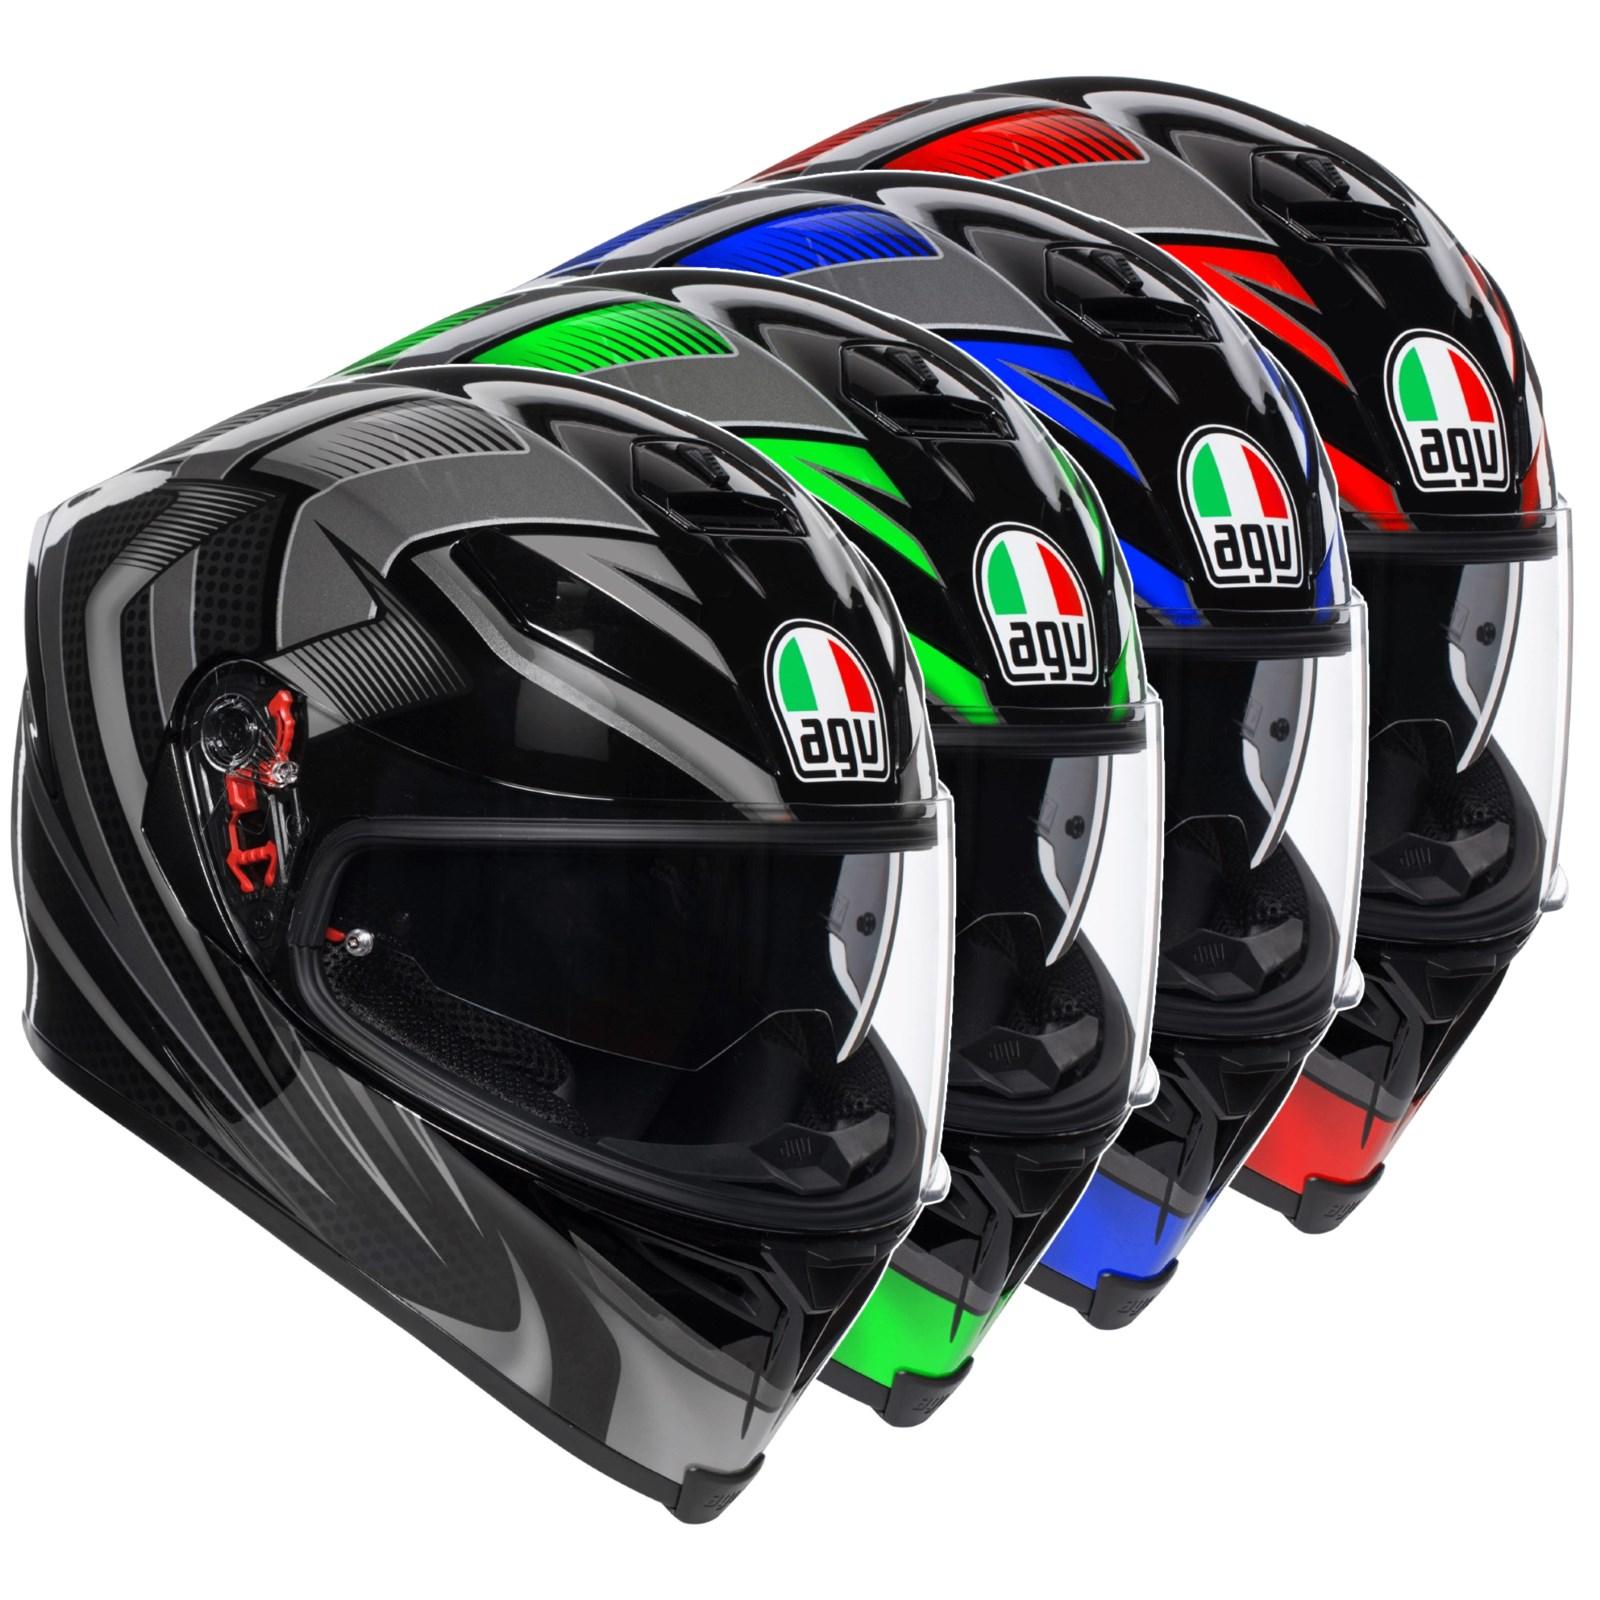 AGV K5-S Hurricane 2.0 Red Full Face Motorcycle Motorbike Sports Helmet